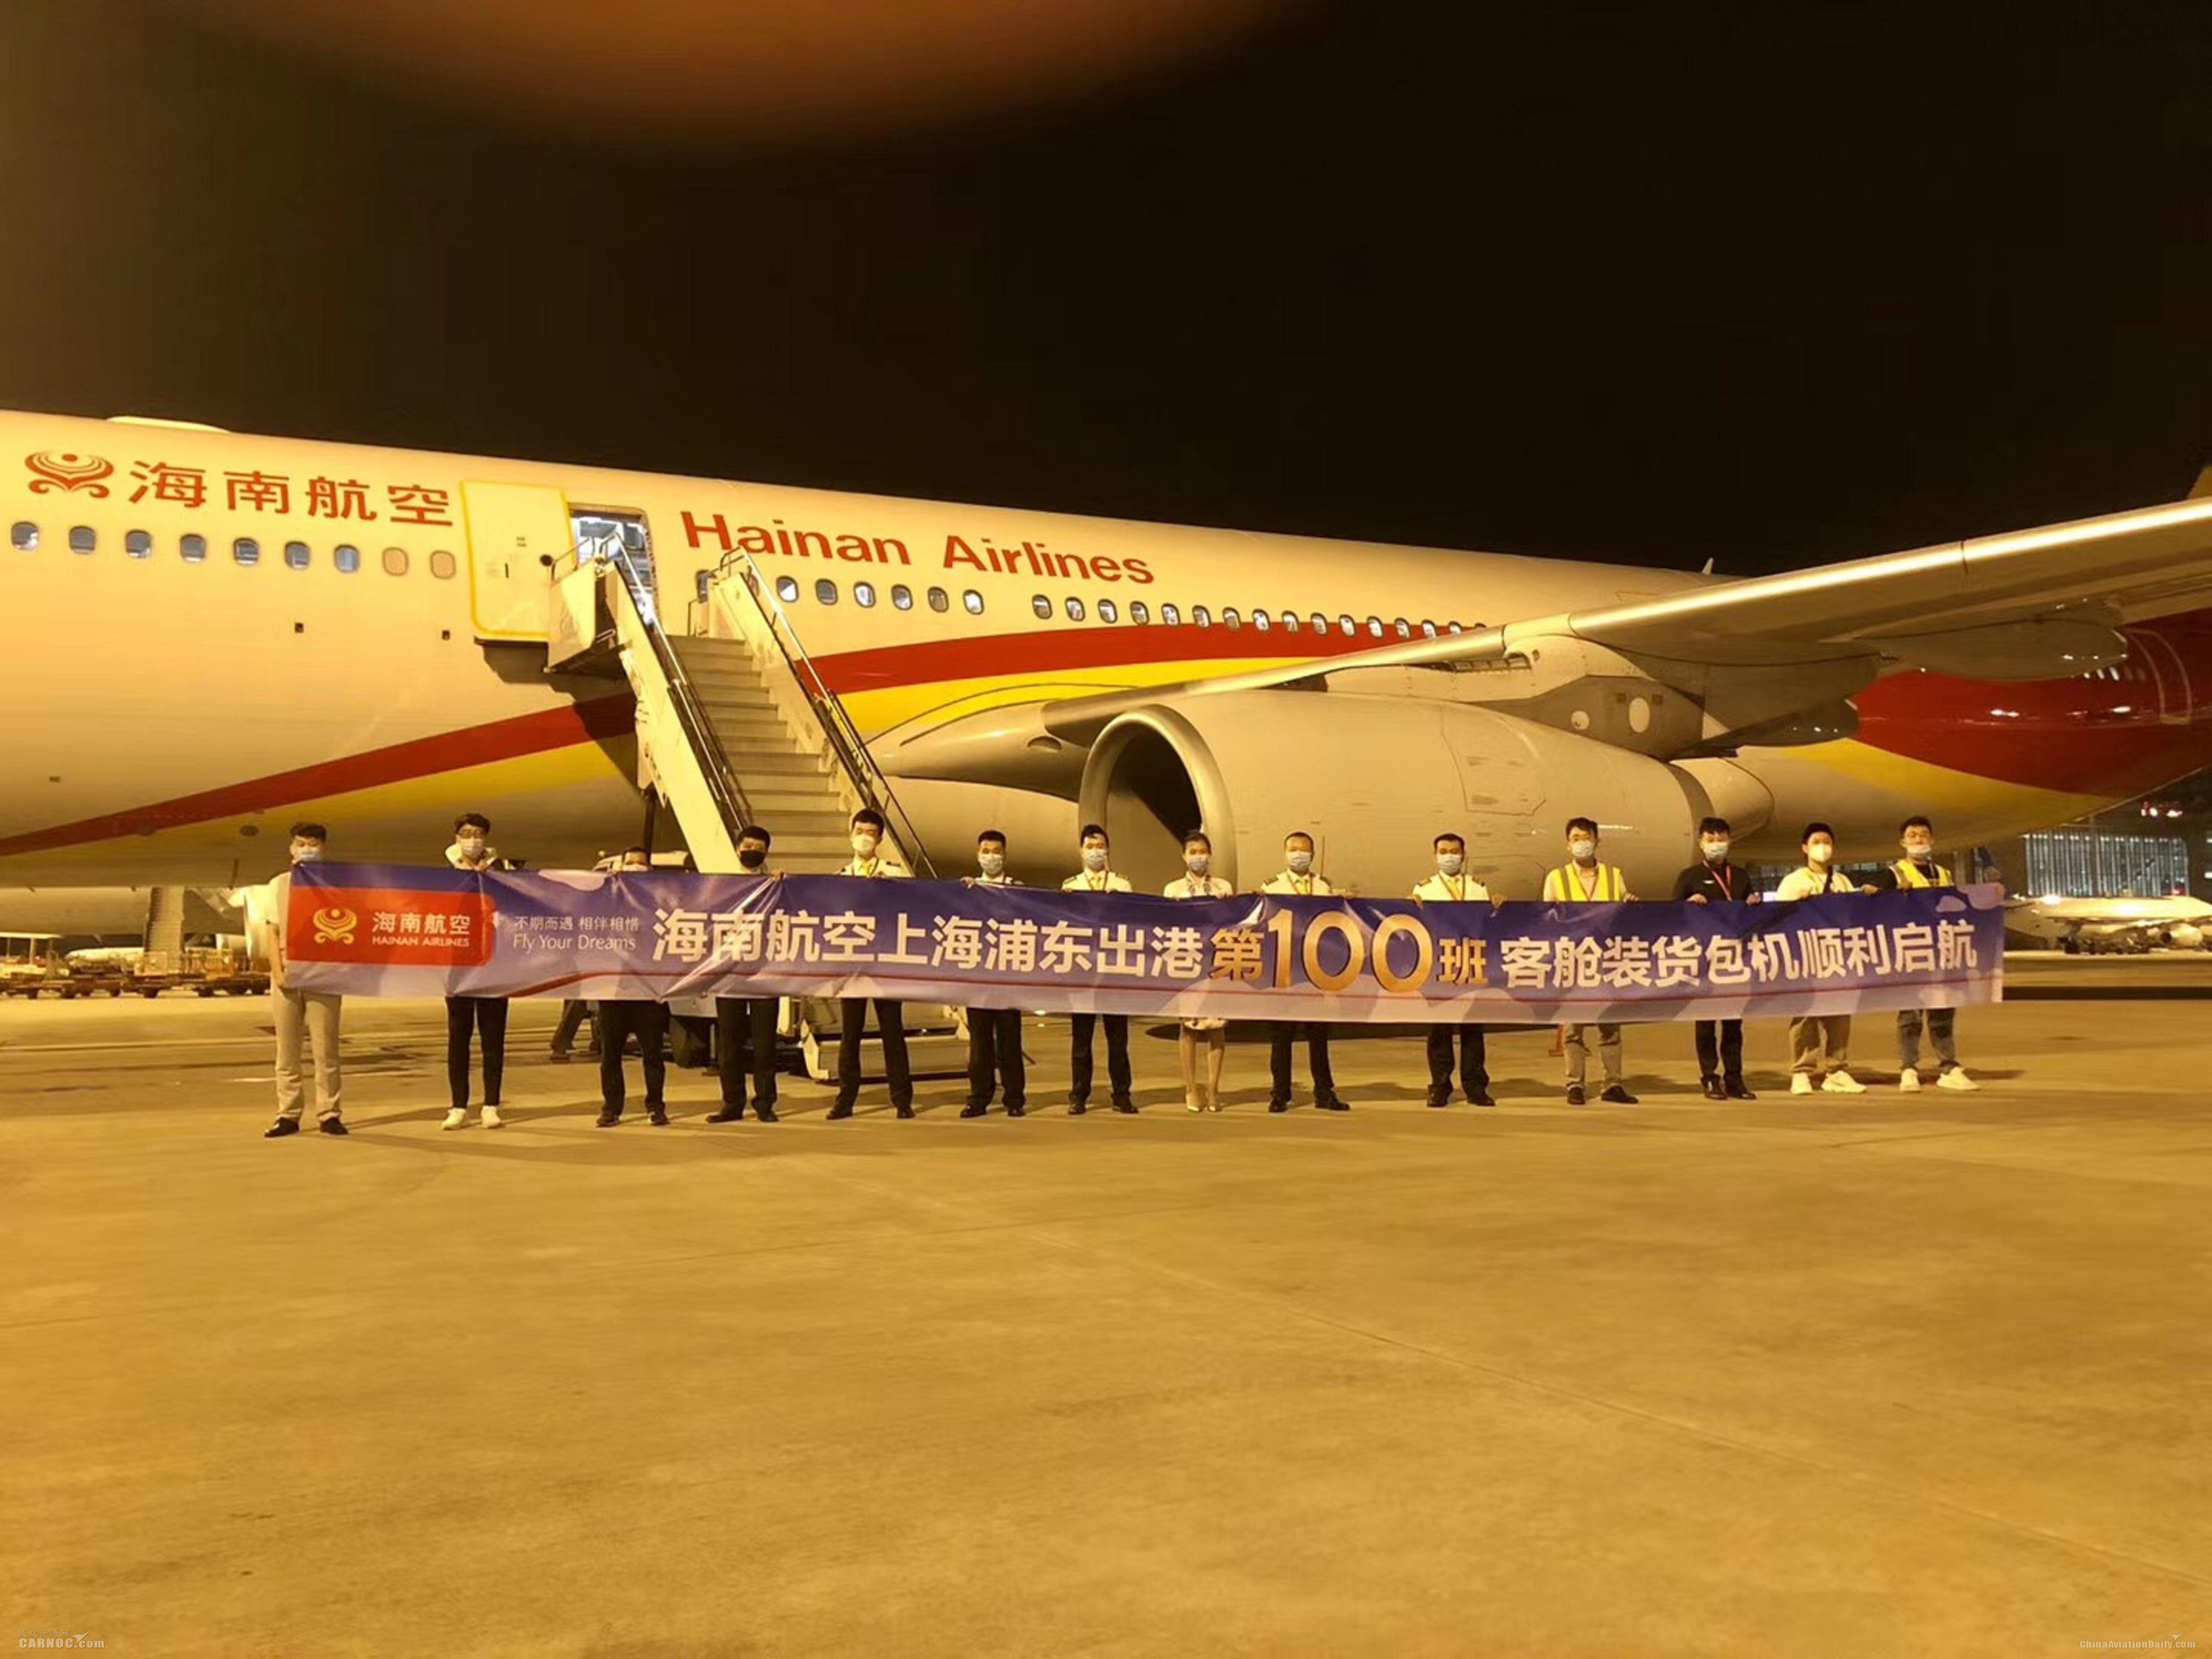 海南航空上海浦东出港第100班客舱装货包机飞抵温哥华